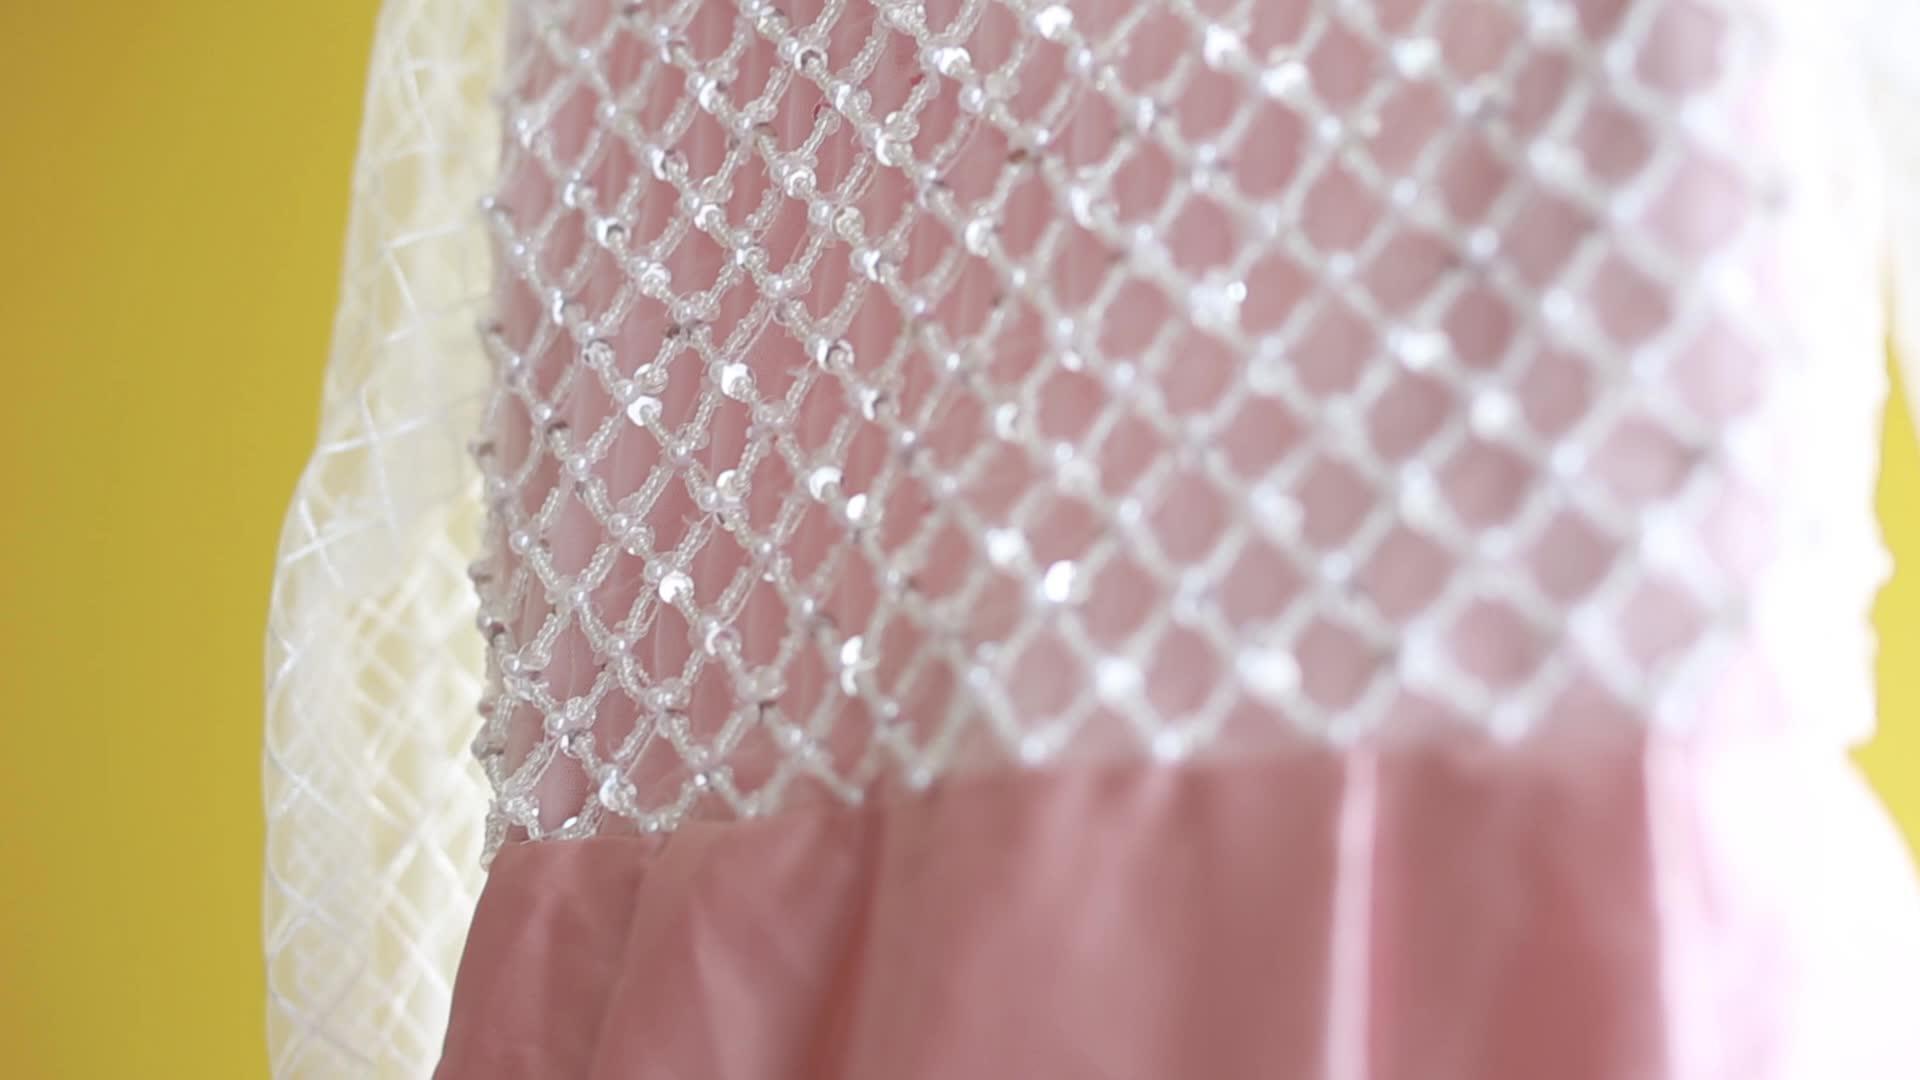 Boutique venta al por mayor los niños vestidos de fiesta Rosa negro blanco boda vestido de fiesta de chicas vestido de los niños Vestido de satén vestidos de dama de honor